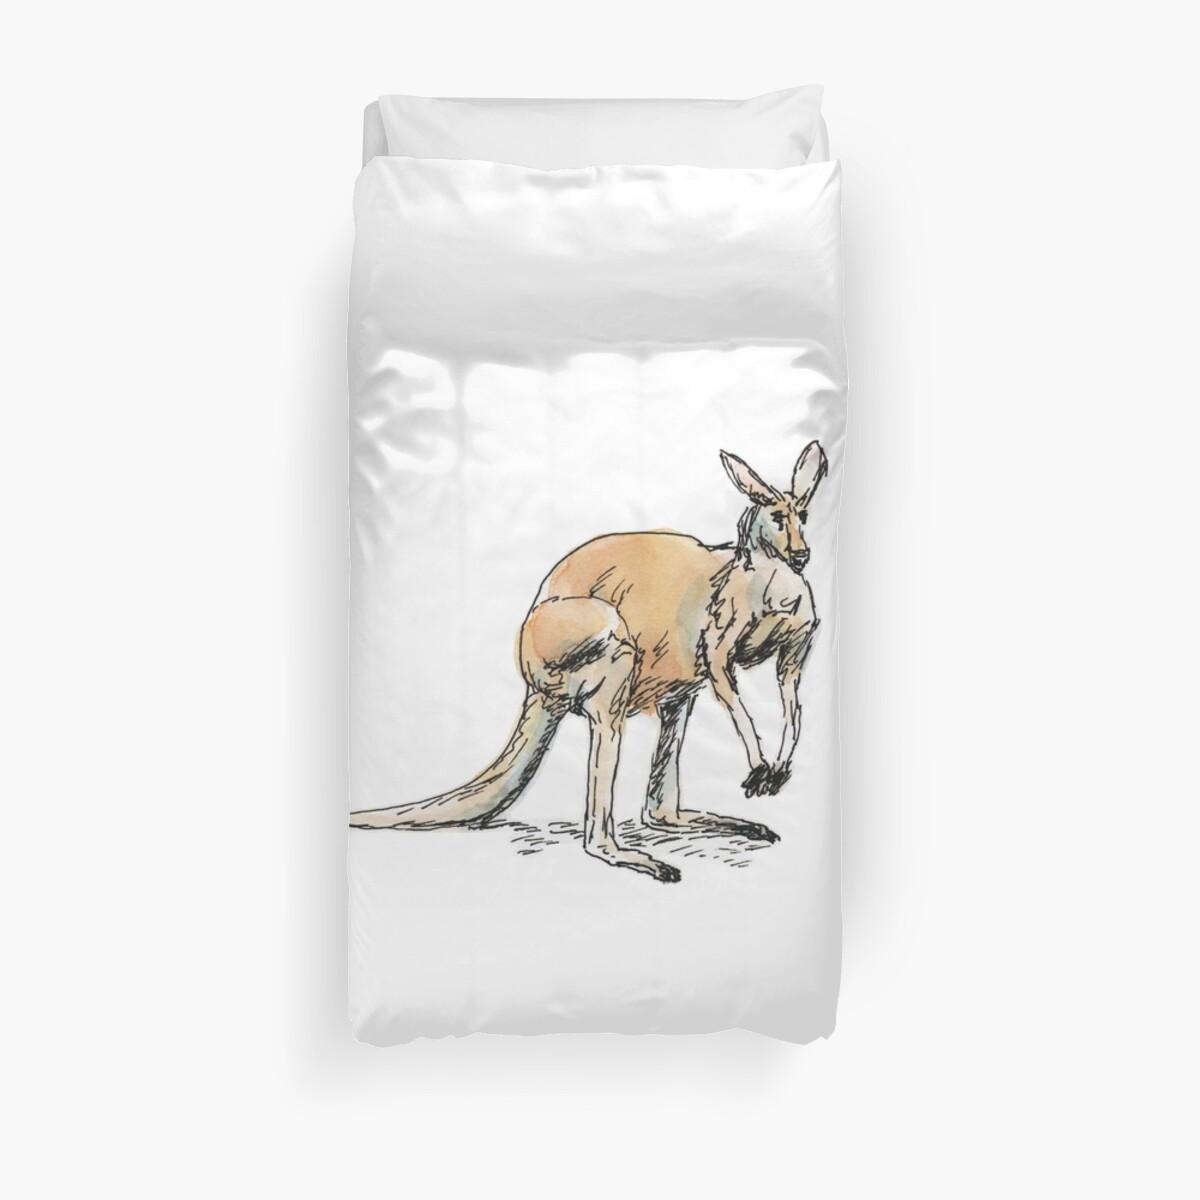 Kangaroo-in-waiting by Dan Tabata